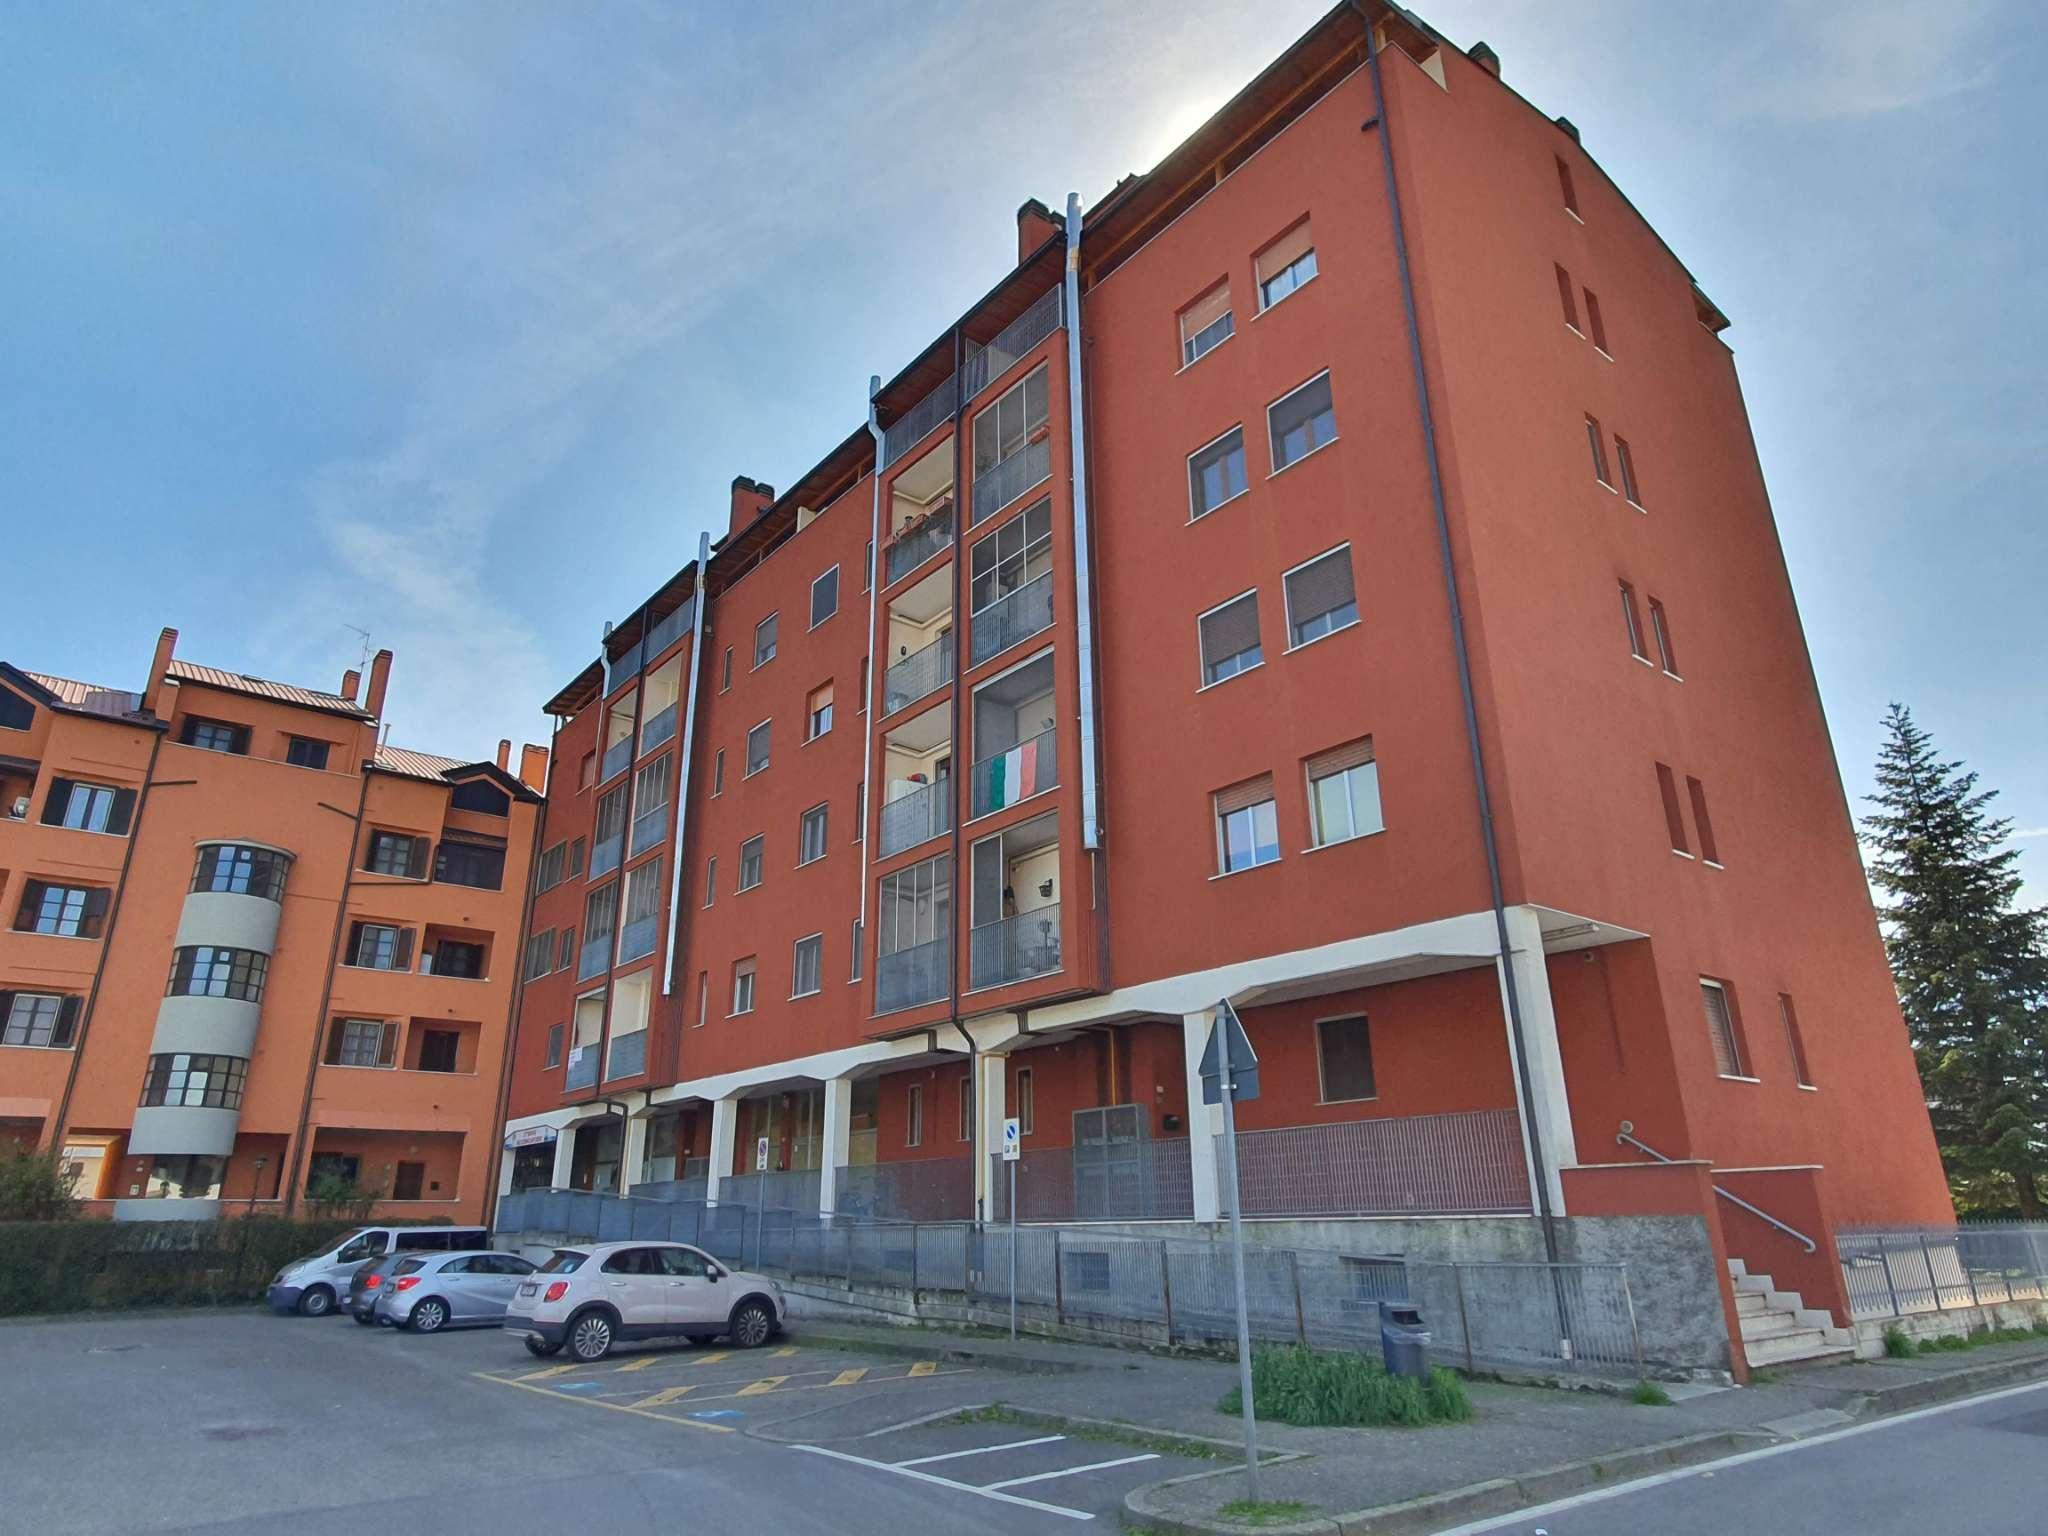 Appartamento in vendita a Mediglia, 3 locali, prezzo € 148.000 | PortaleAgenzieImmobiliari.it